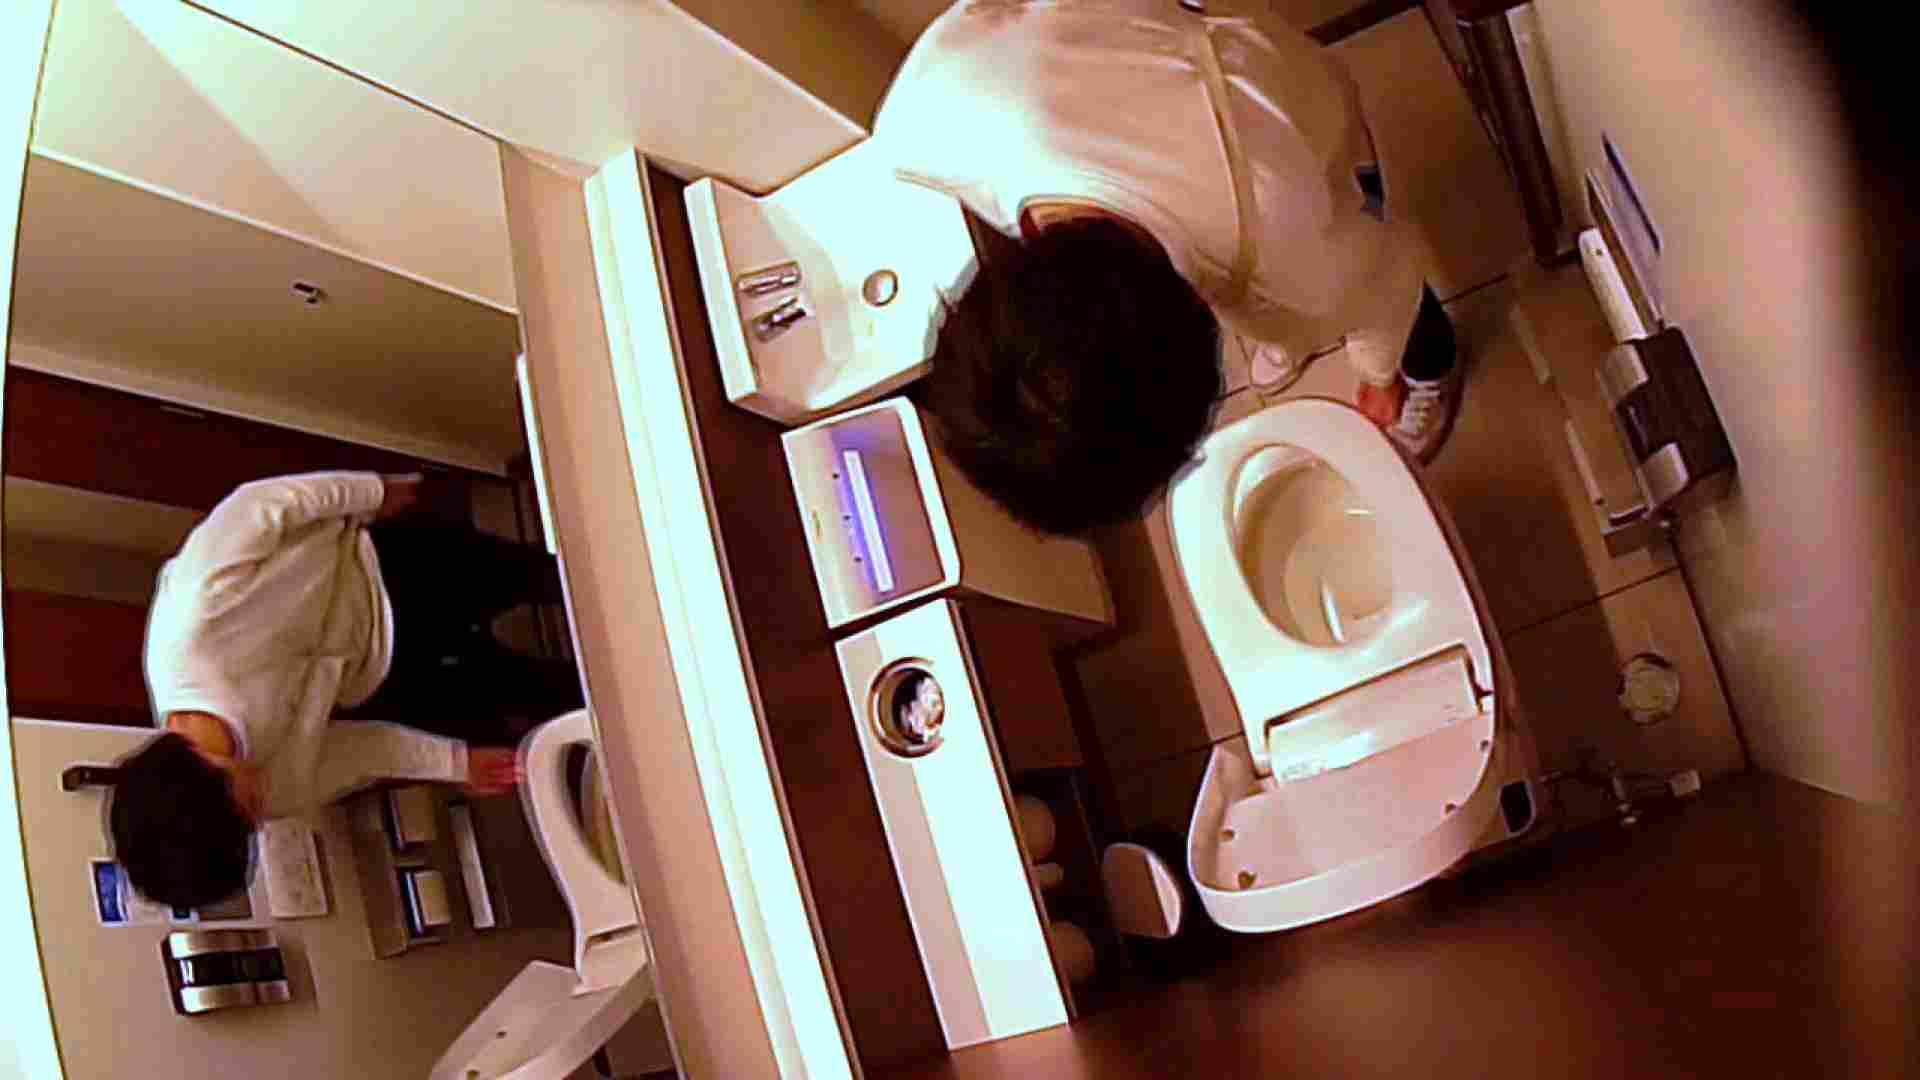 すみませんが覗かせてください Vol.32 トイレ | 0  102pic 92